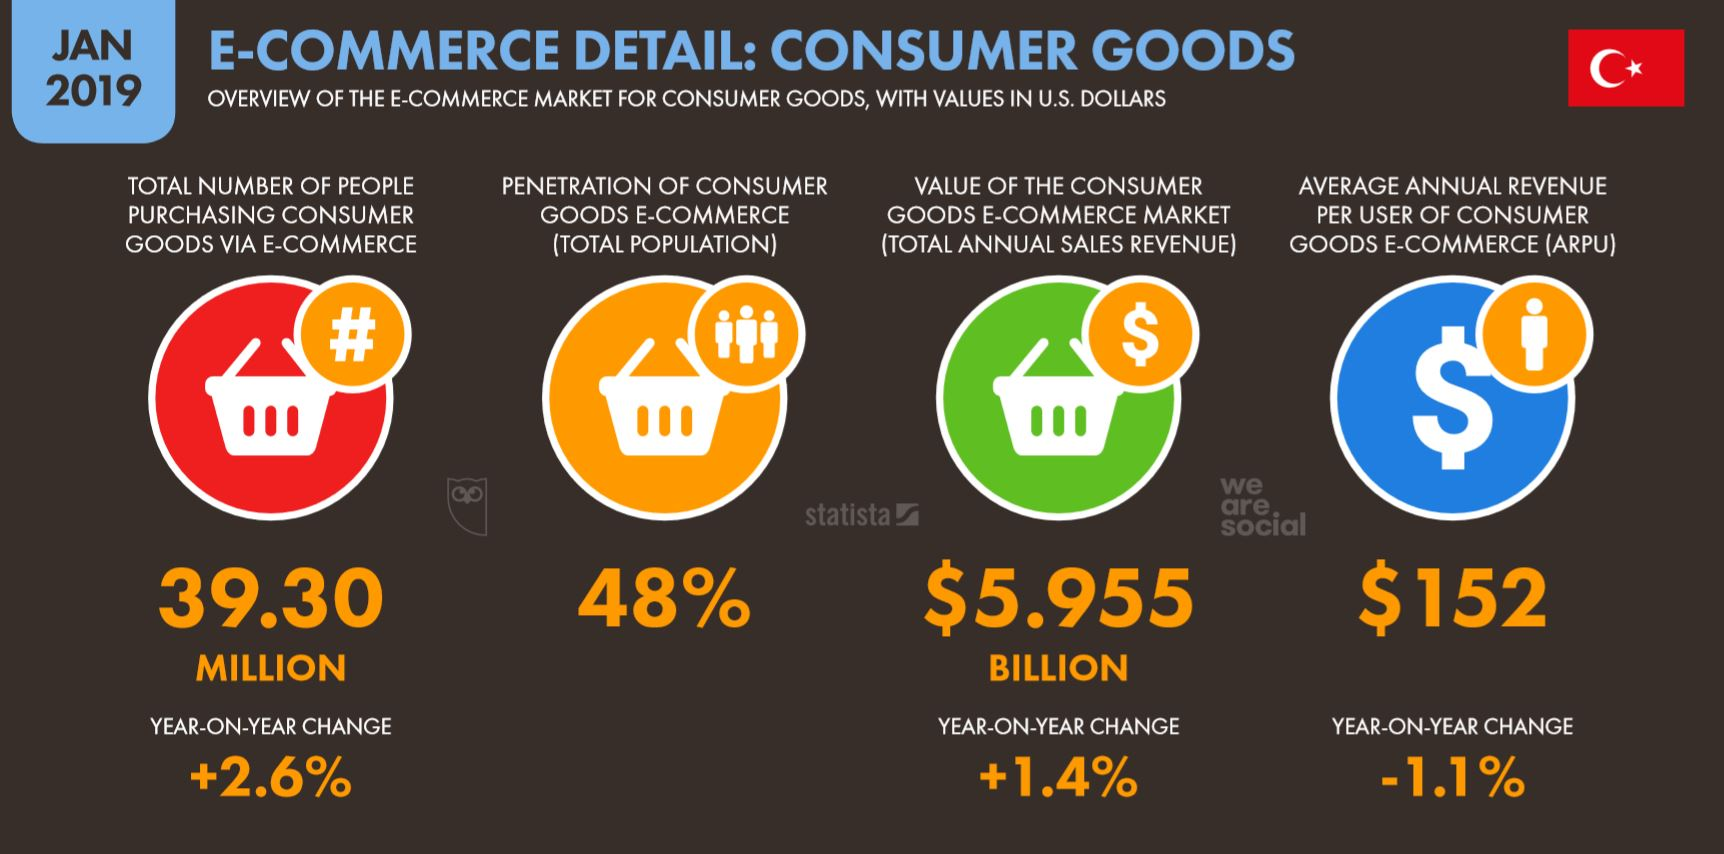 We Are Social 2019 Türkiye E-Ticaret Tüketim Malları Satın Alım İstatistikleri